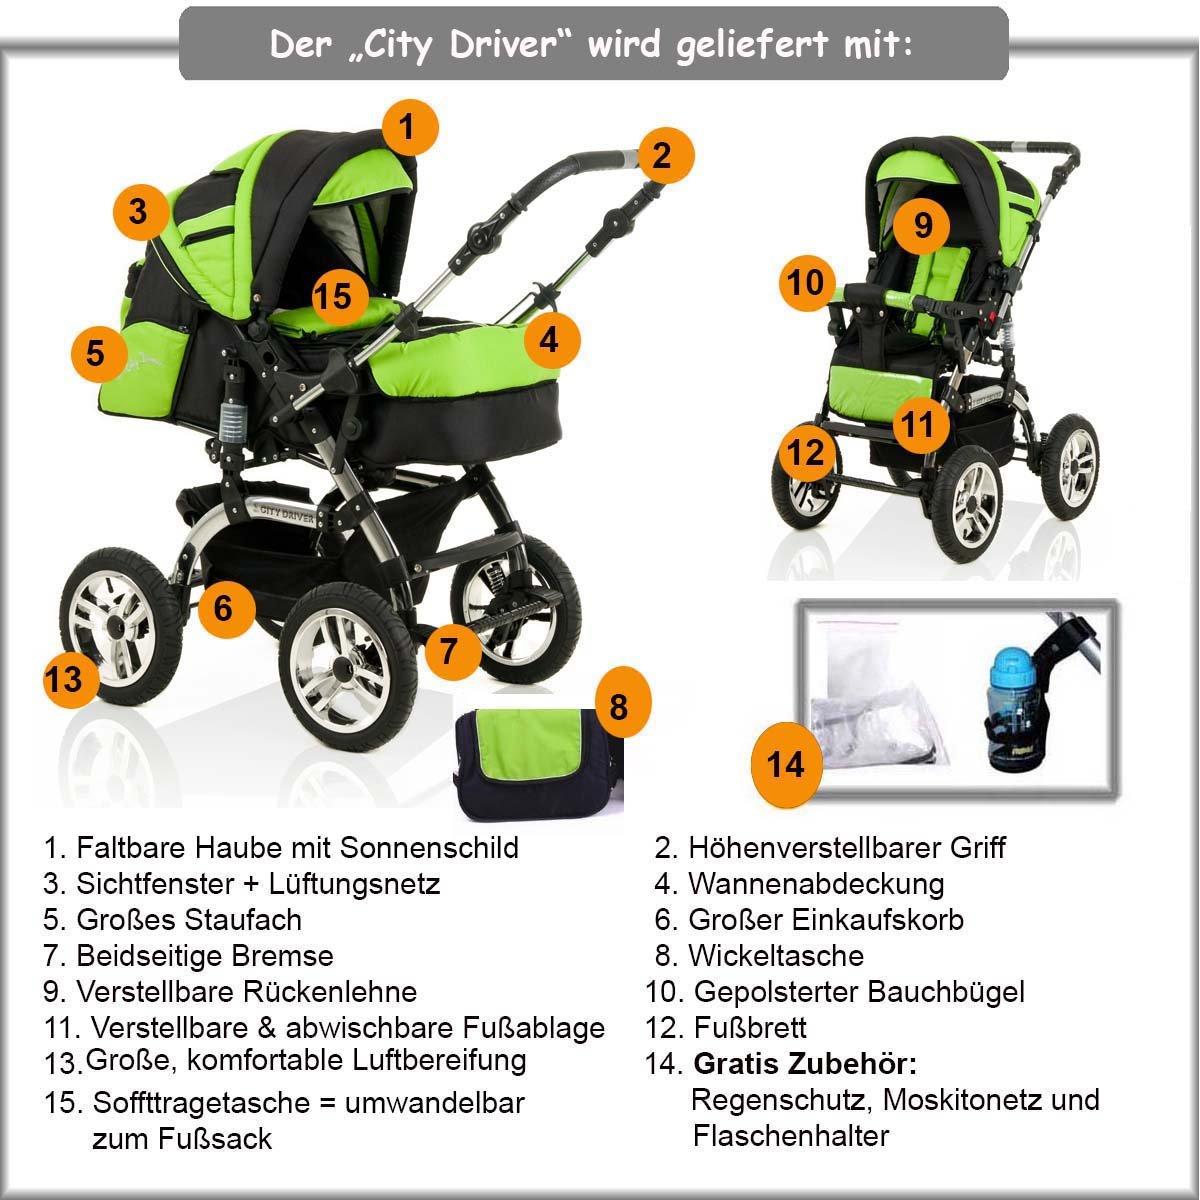 Ausgezeichnet Umwandelbaren Autositz Kinderwagenrahmen Galerie ...